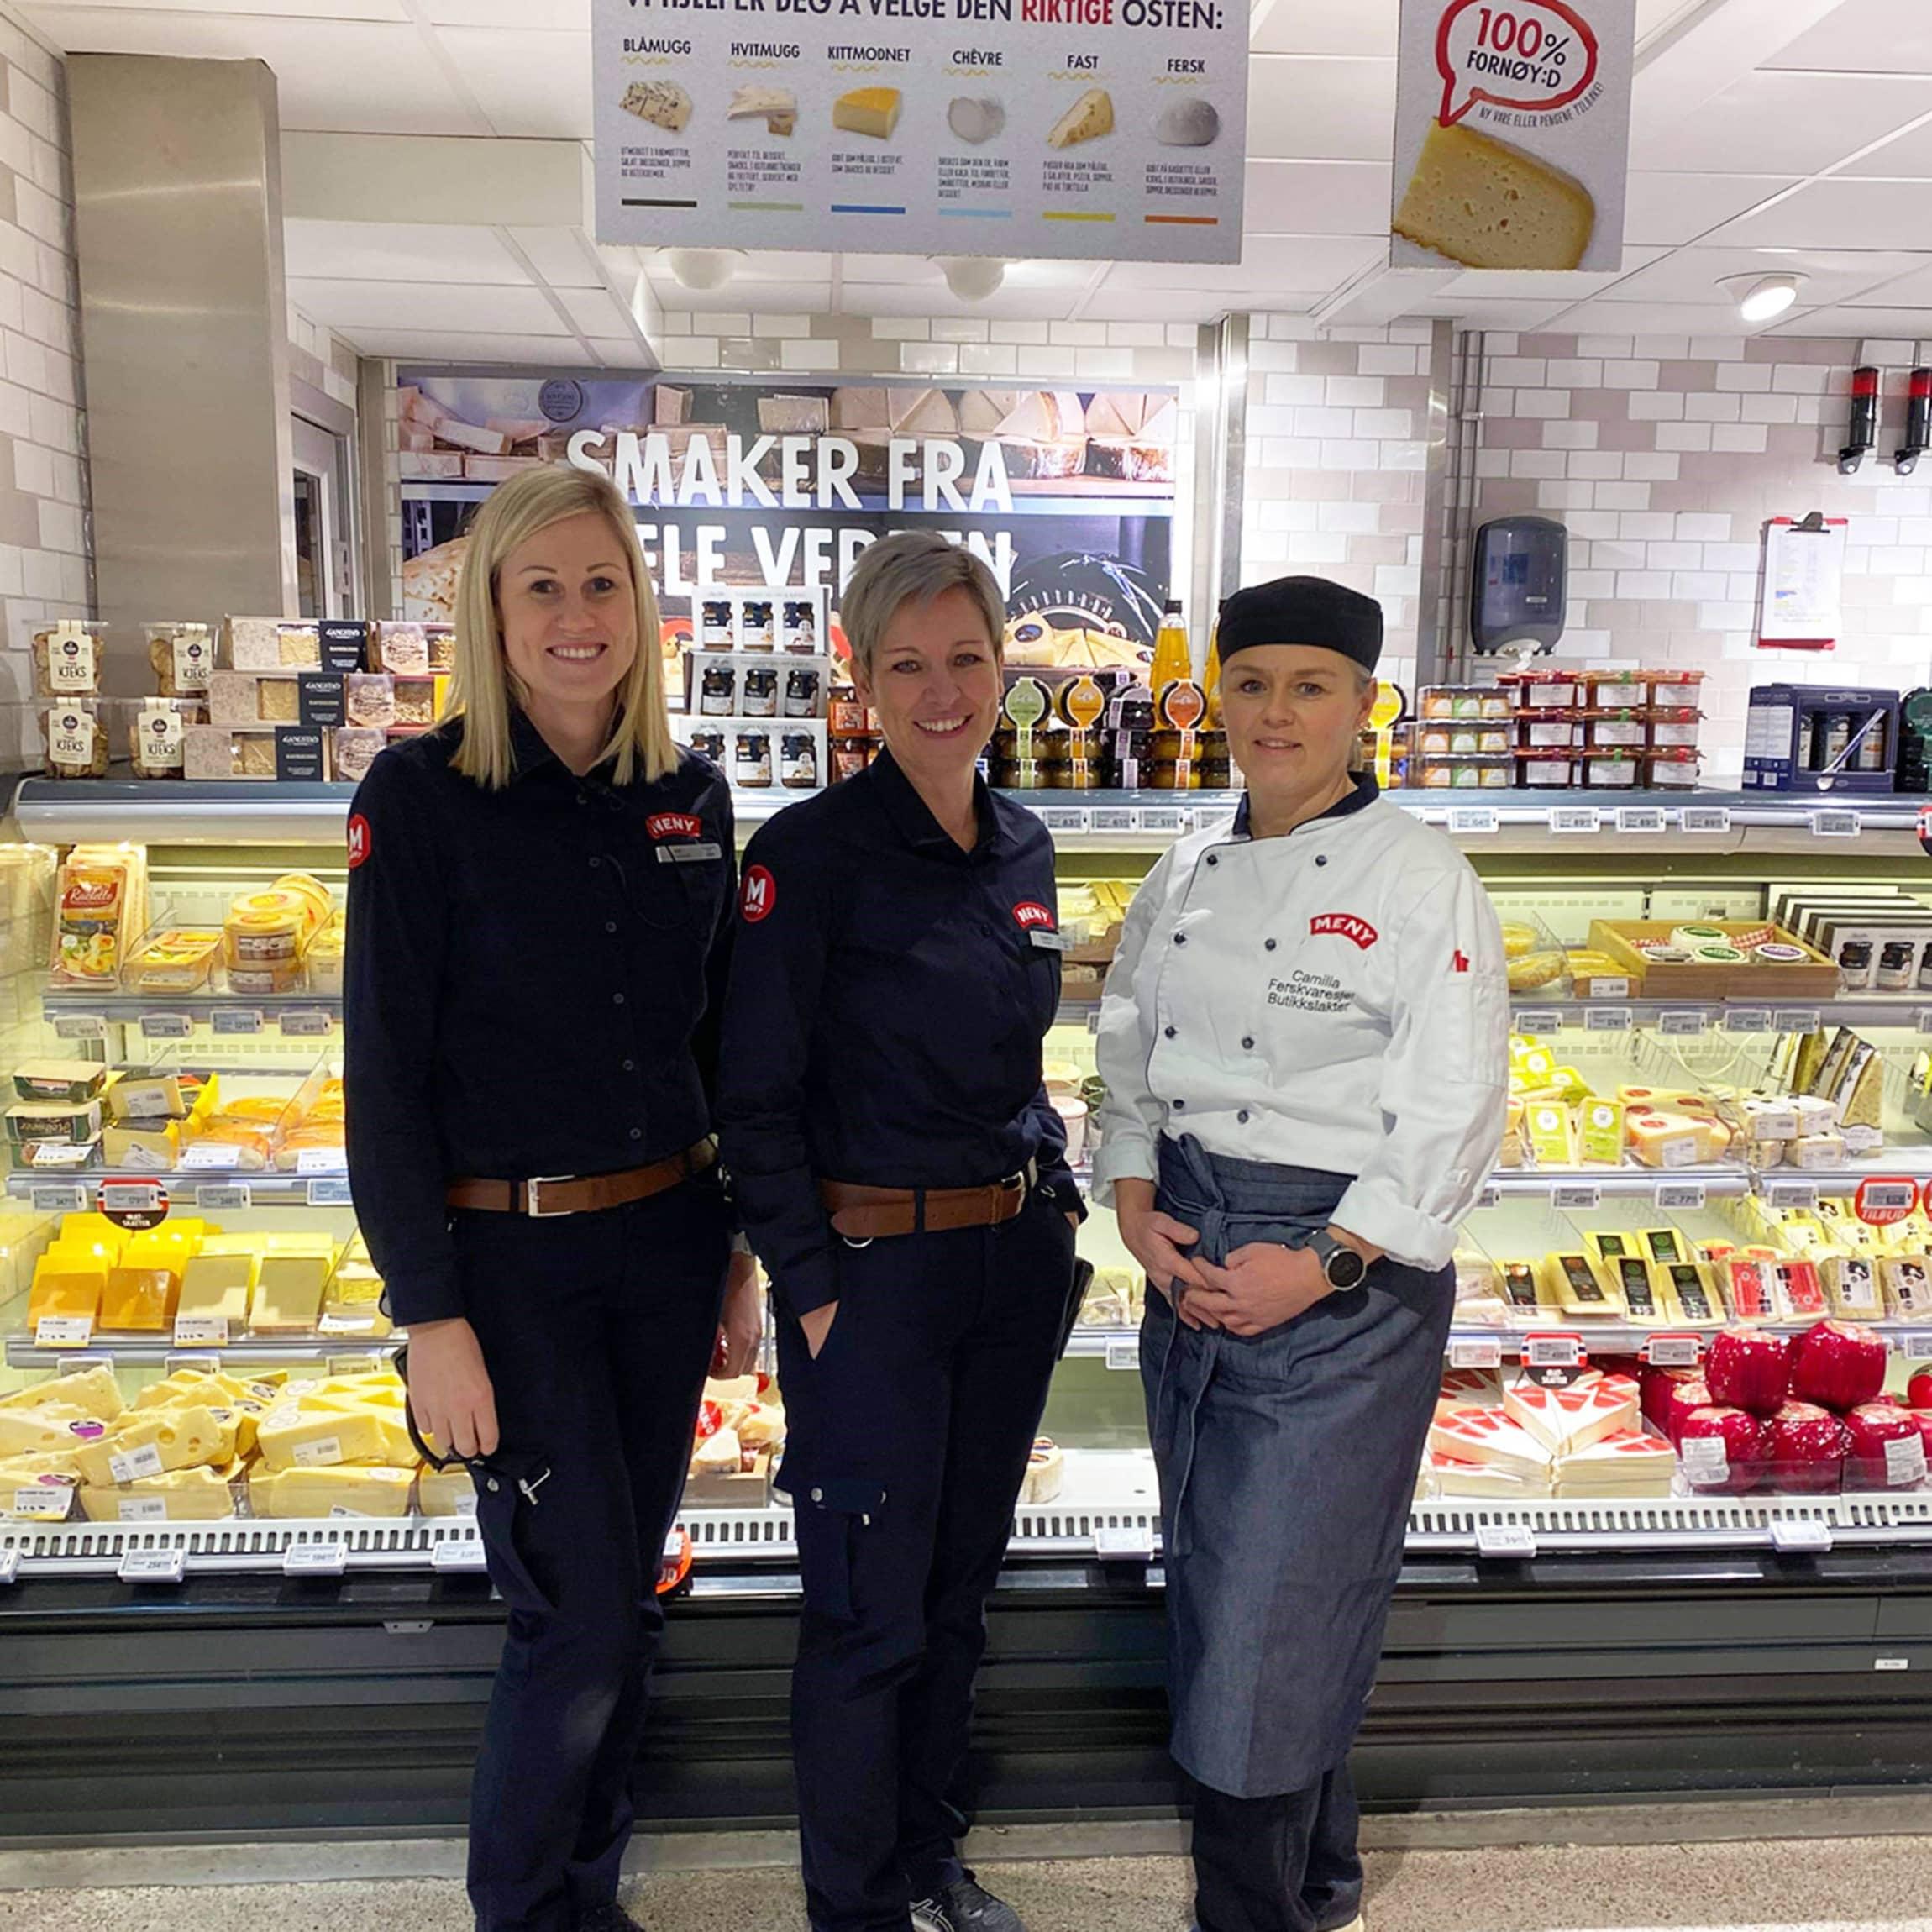 Ledertrioen på MENY Osloveien består av assisterende butikksjef Kine Haukedalen Gomnes (t.v) , butikksjef Elisabeth Gomnæs (midten) og ferskvaresjef Camilla Walderstøen (t.h).